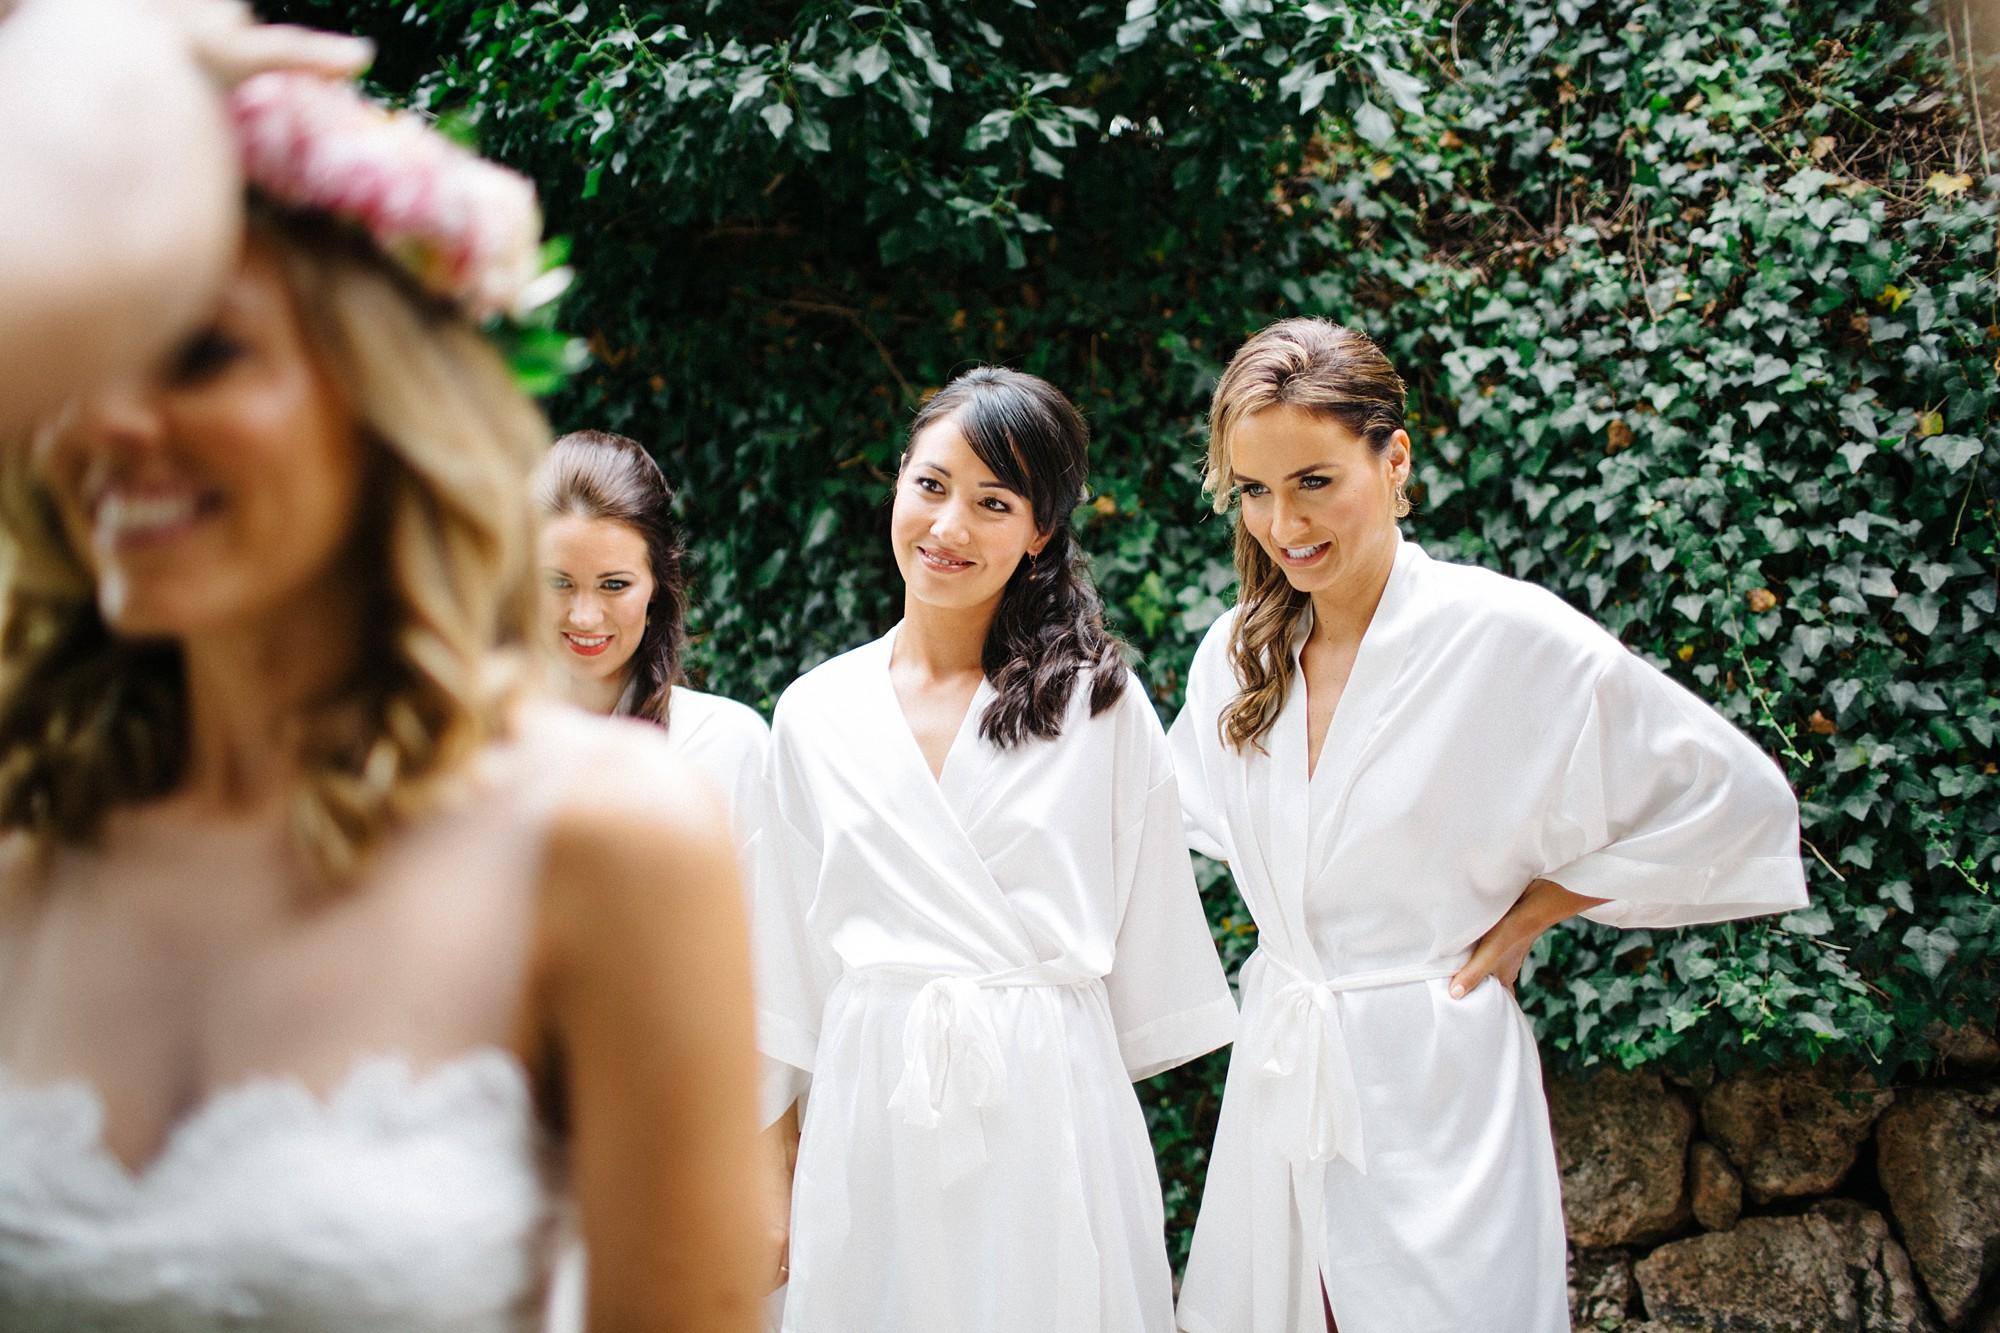 fotografos de boda en valencia barcelona mallorca wedding photographer046.jpg